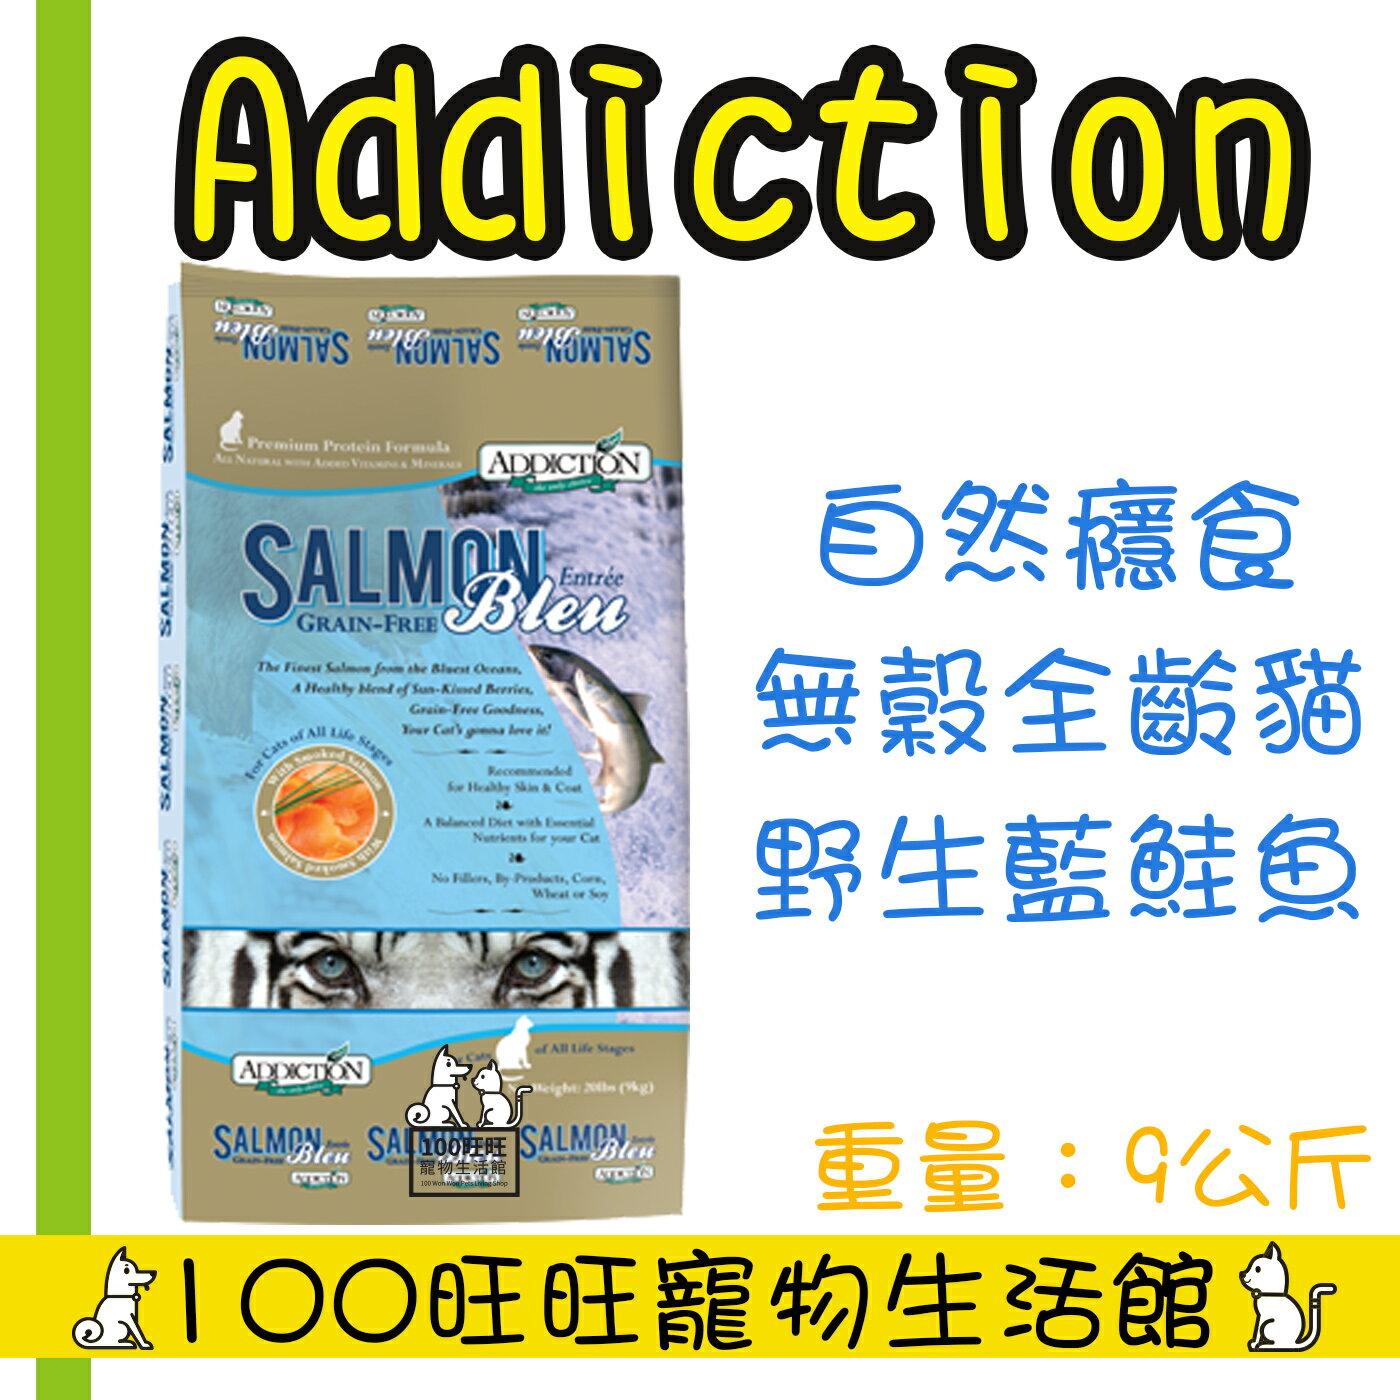 100旺旺寵物生活館 Addiction自然癮食 無穀藍鮭魚貓寵食 貓糧 9公斤